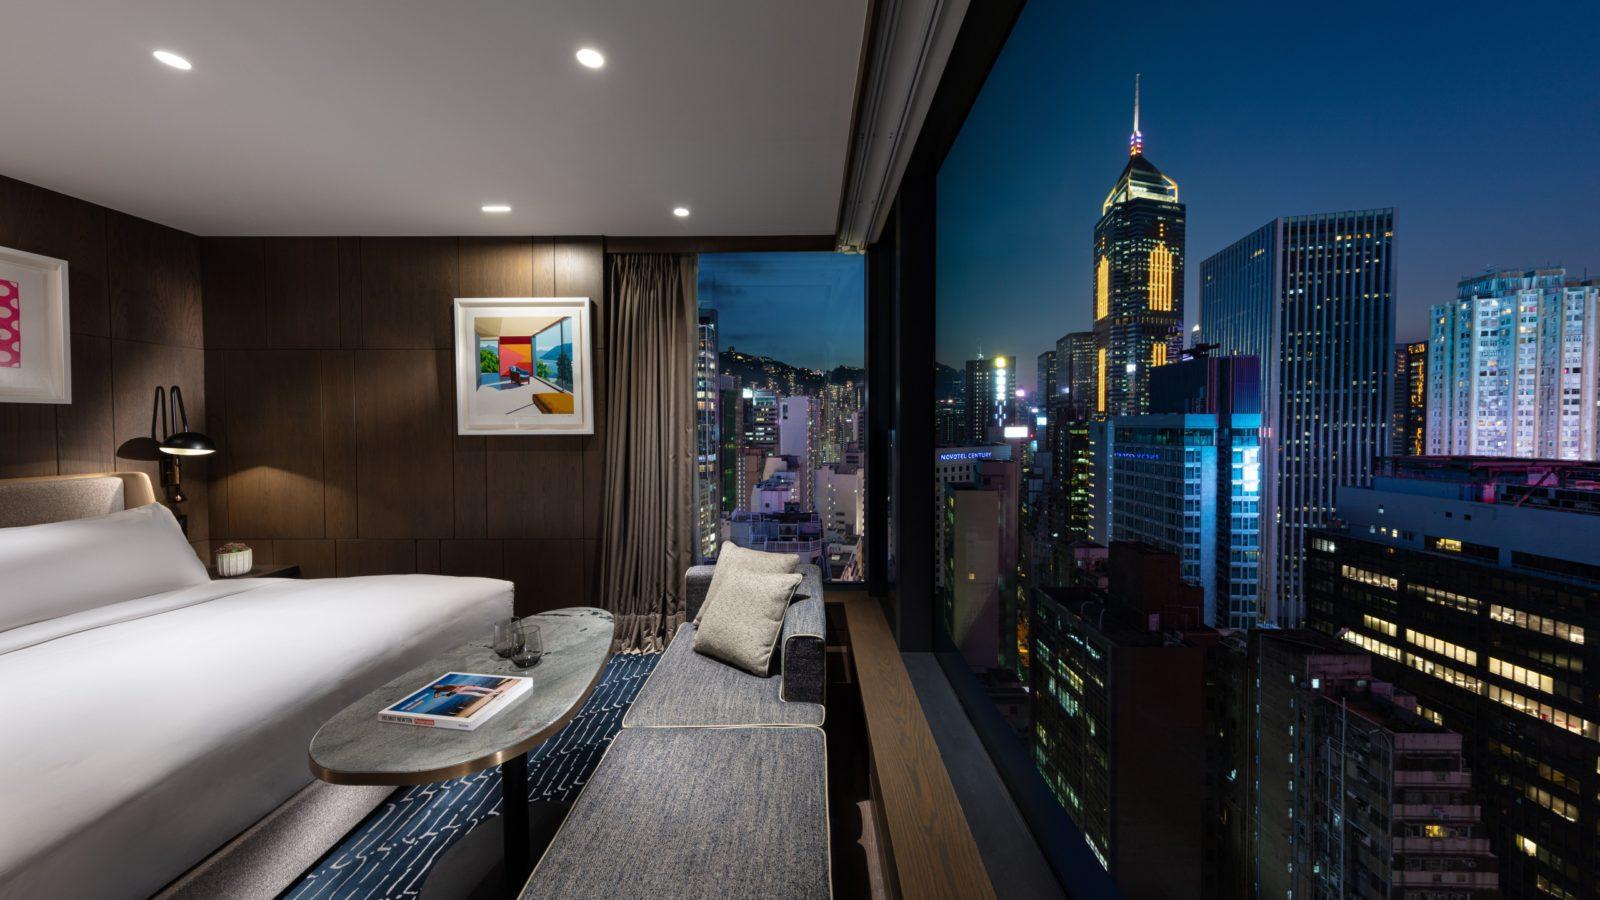 An up-close first look at The Hari Hong Kong, opening 12 December